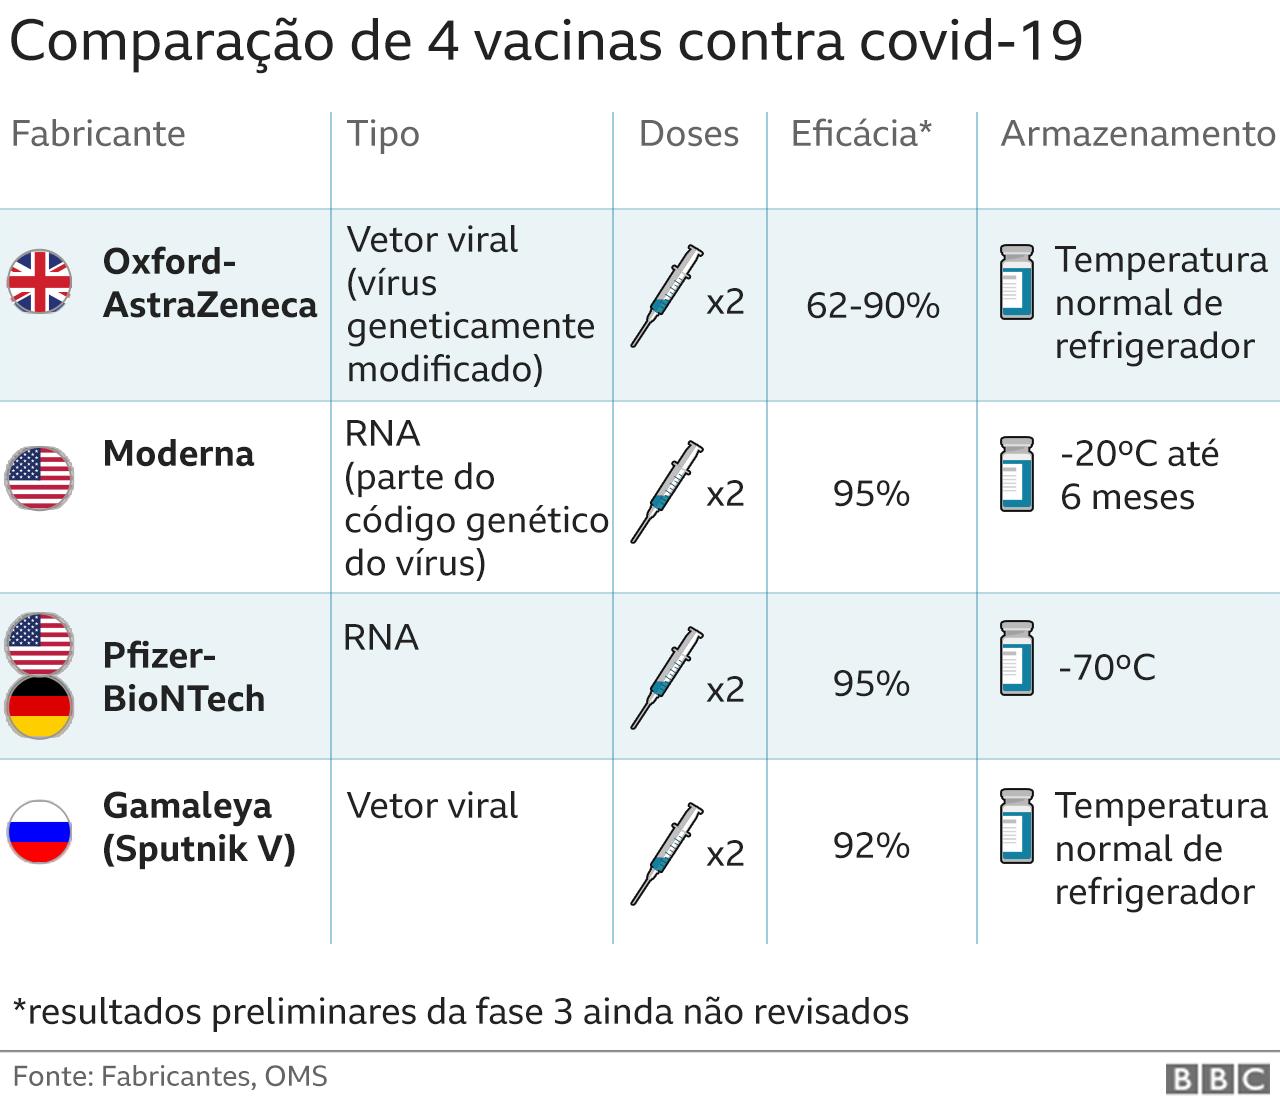 Tabela de comparação de vacinas